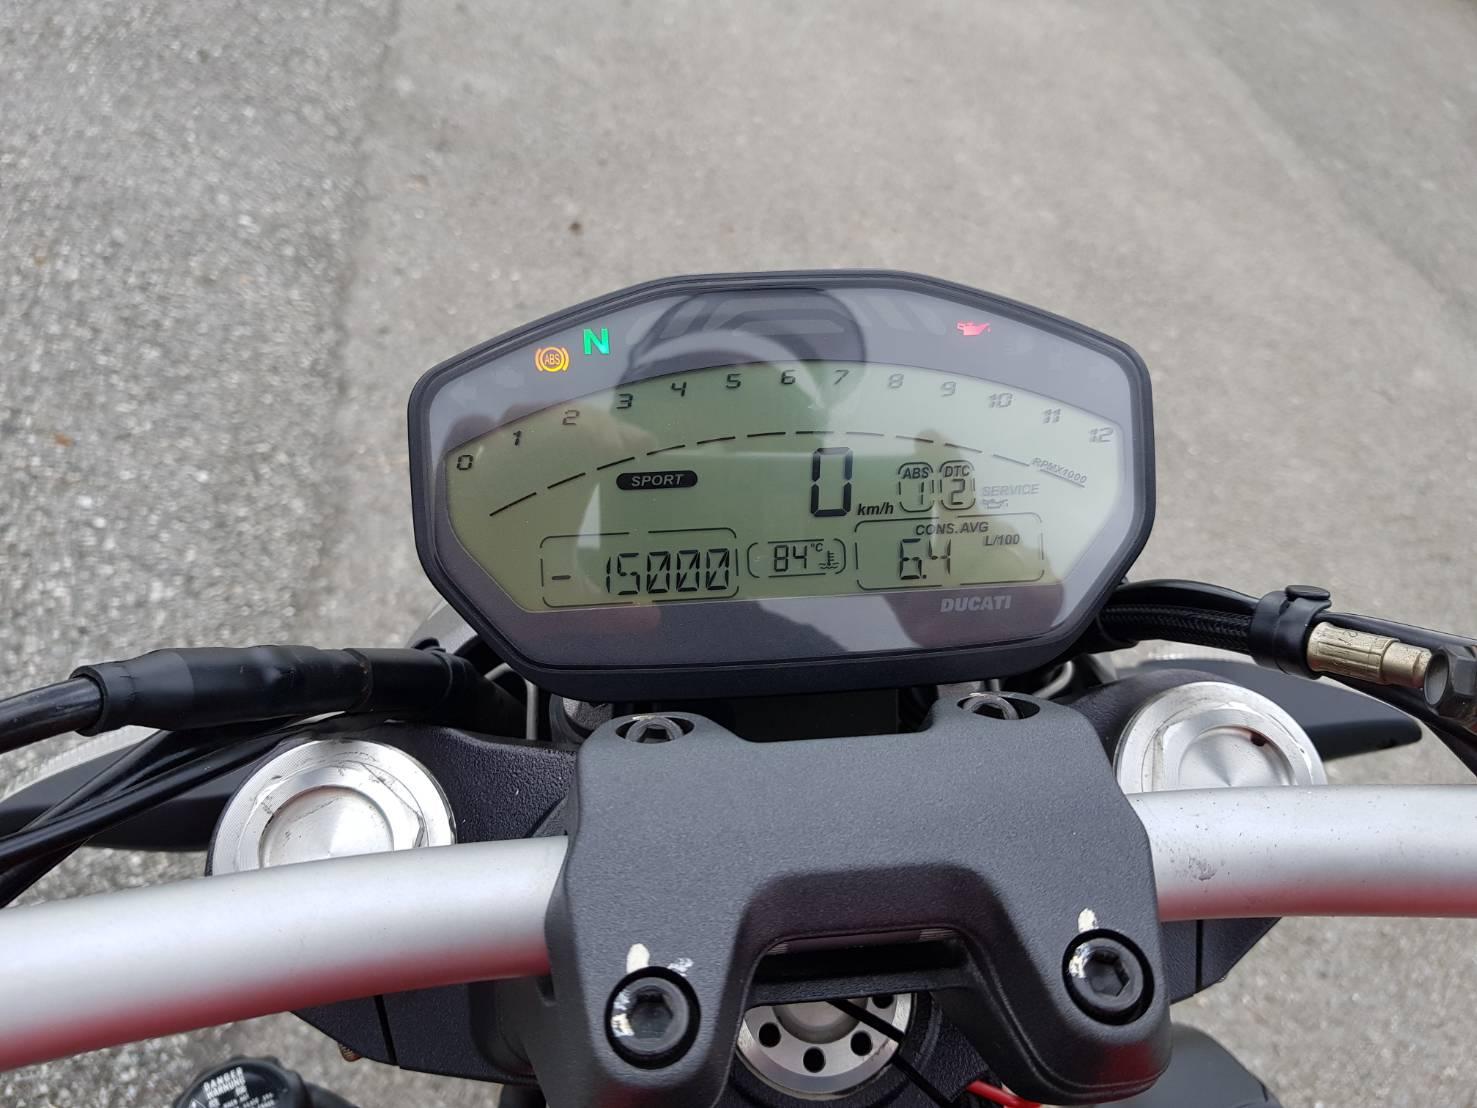 Ducati_Monster_ 821_(41)